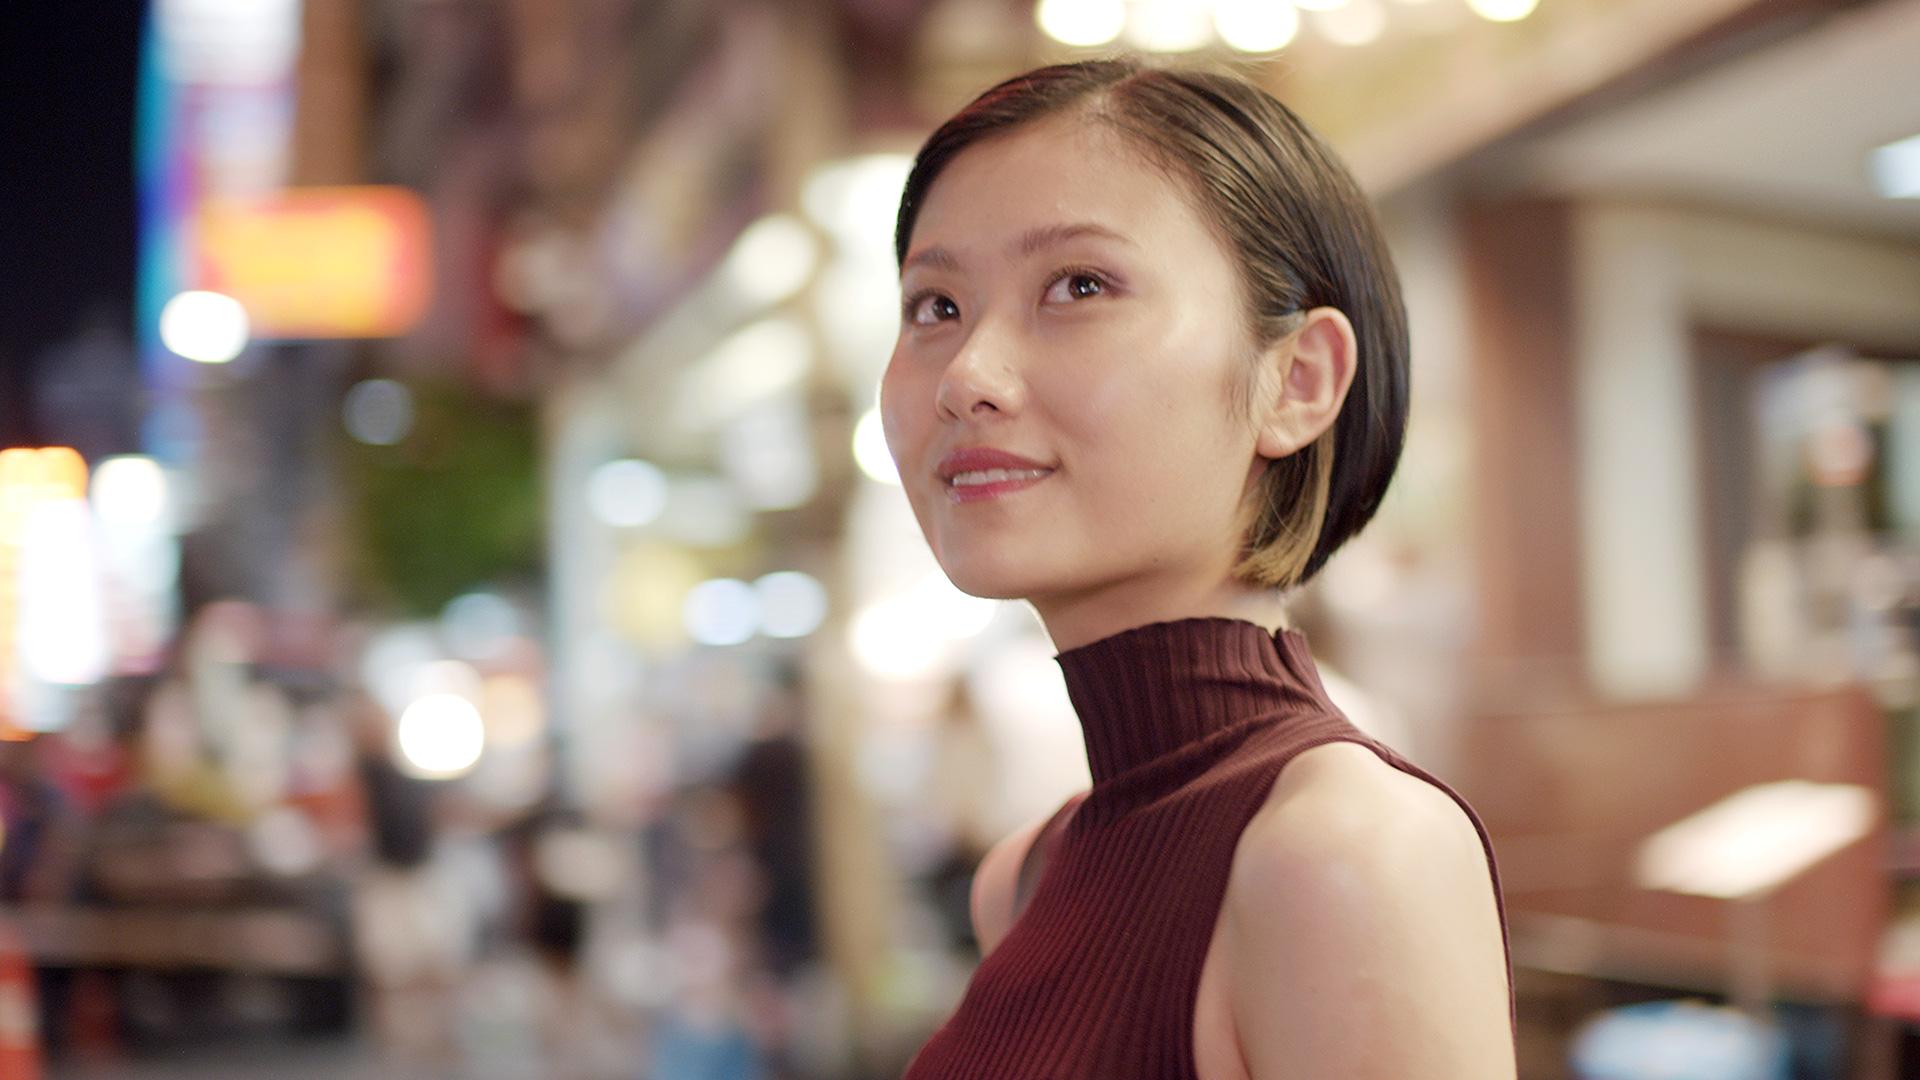 Beautiful woman SK-II